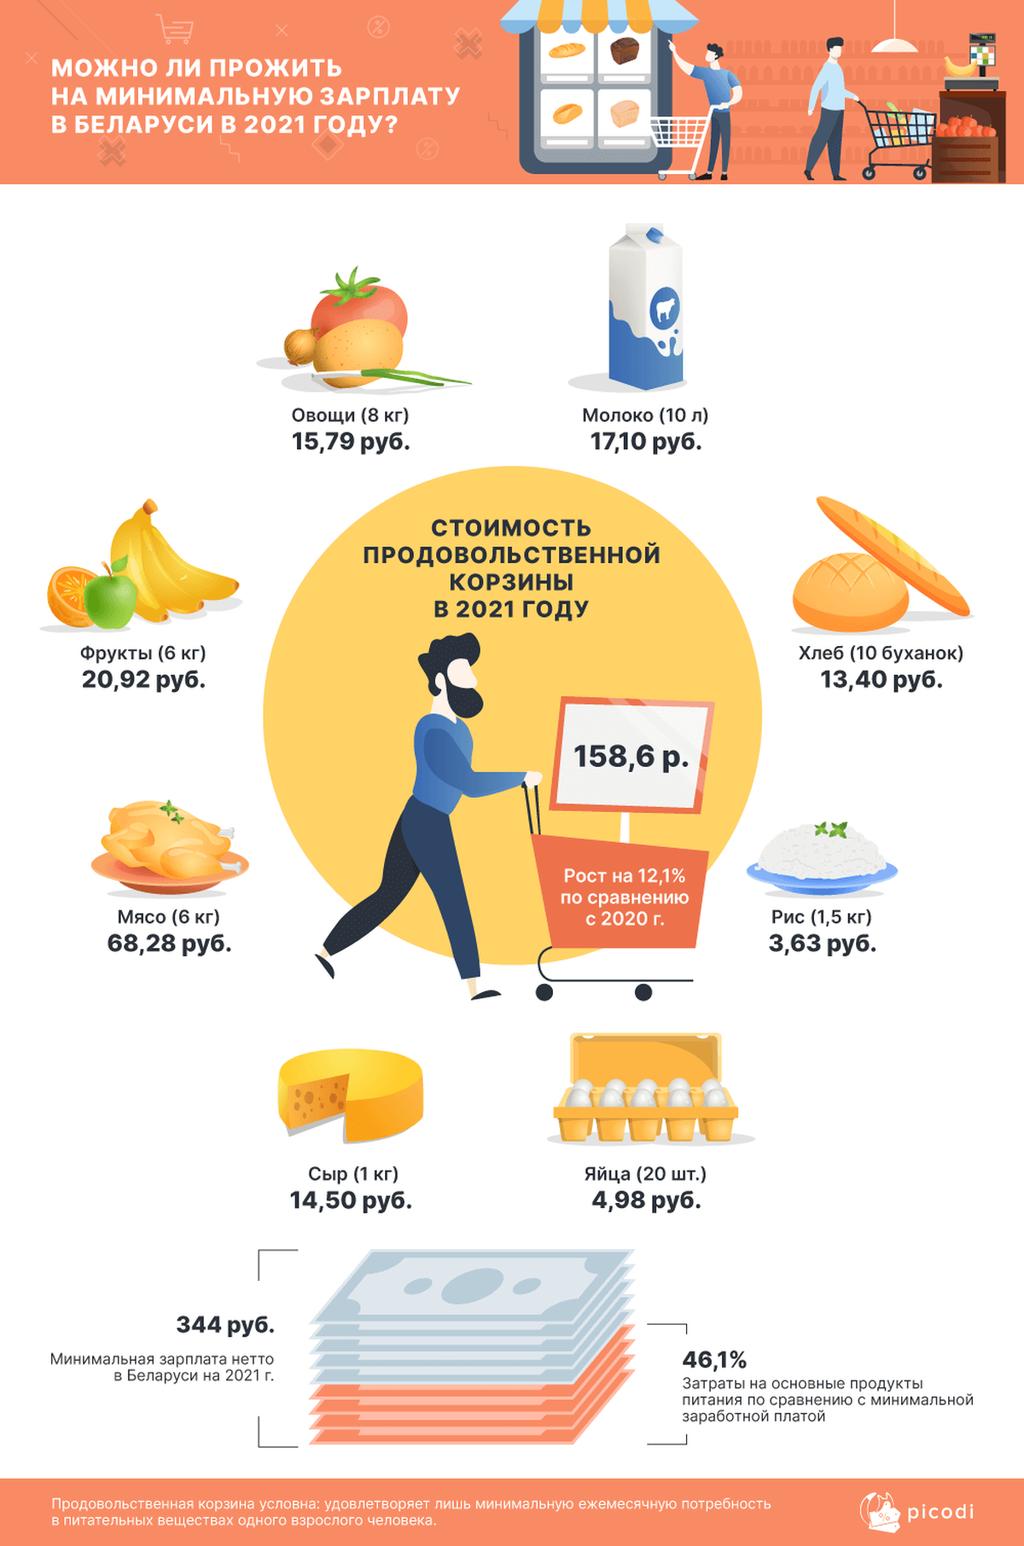 Mozhno li prozhit na minimalnuyu zarplatu v belarusi v 2021 godu